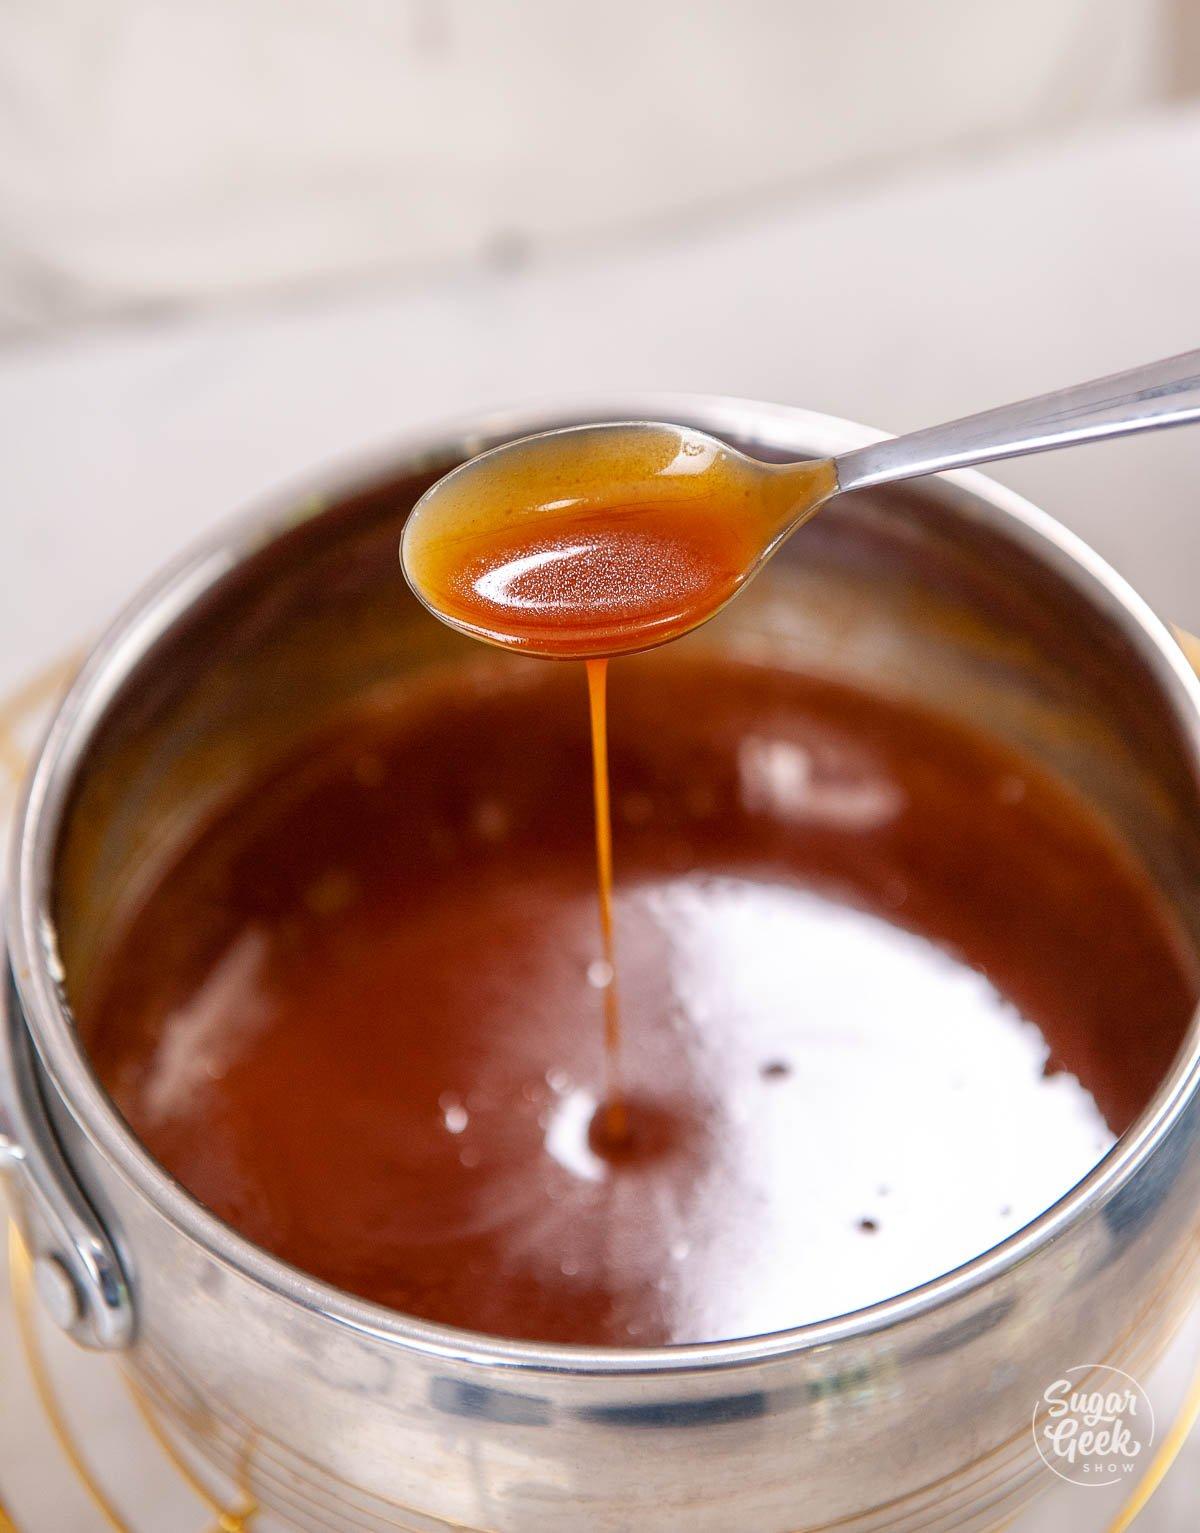 spoon dripping caramel sauce into sauce pan